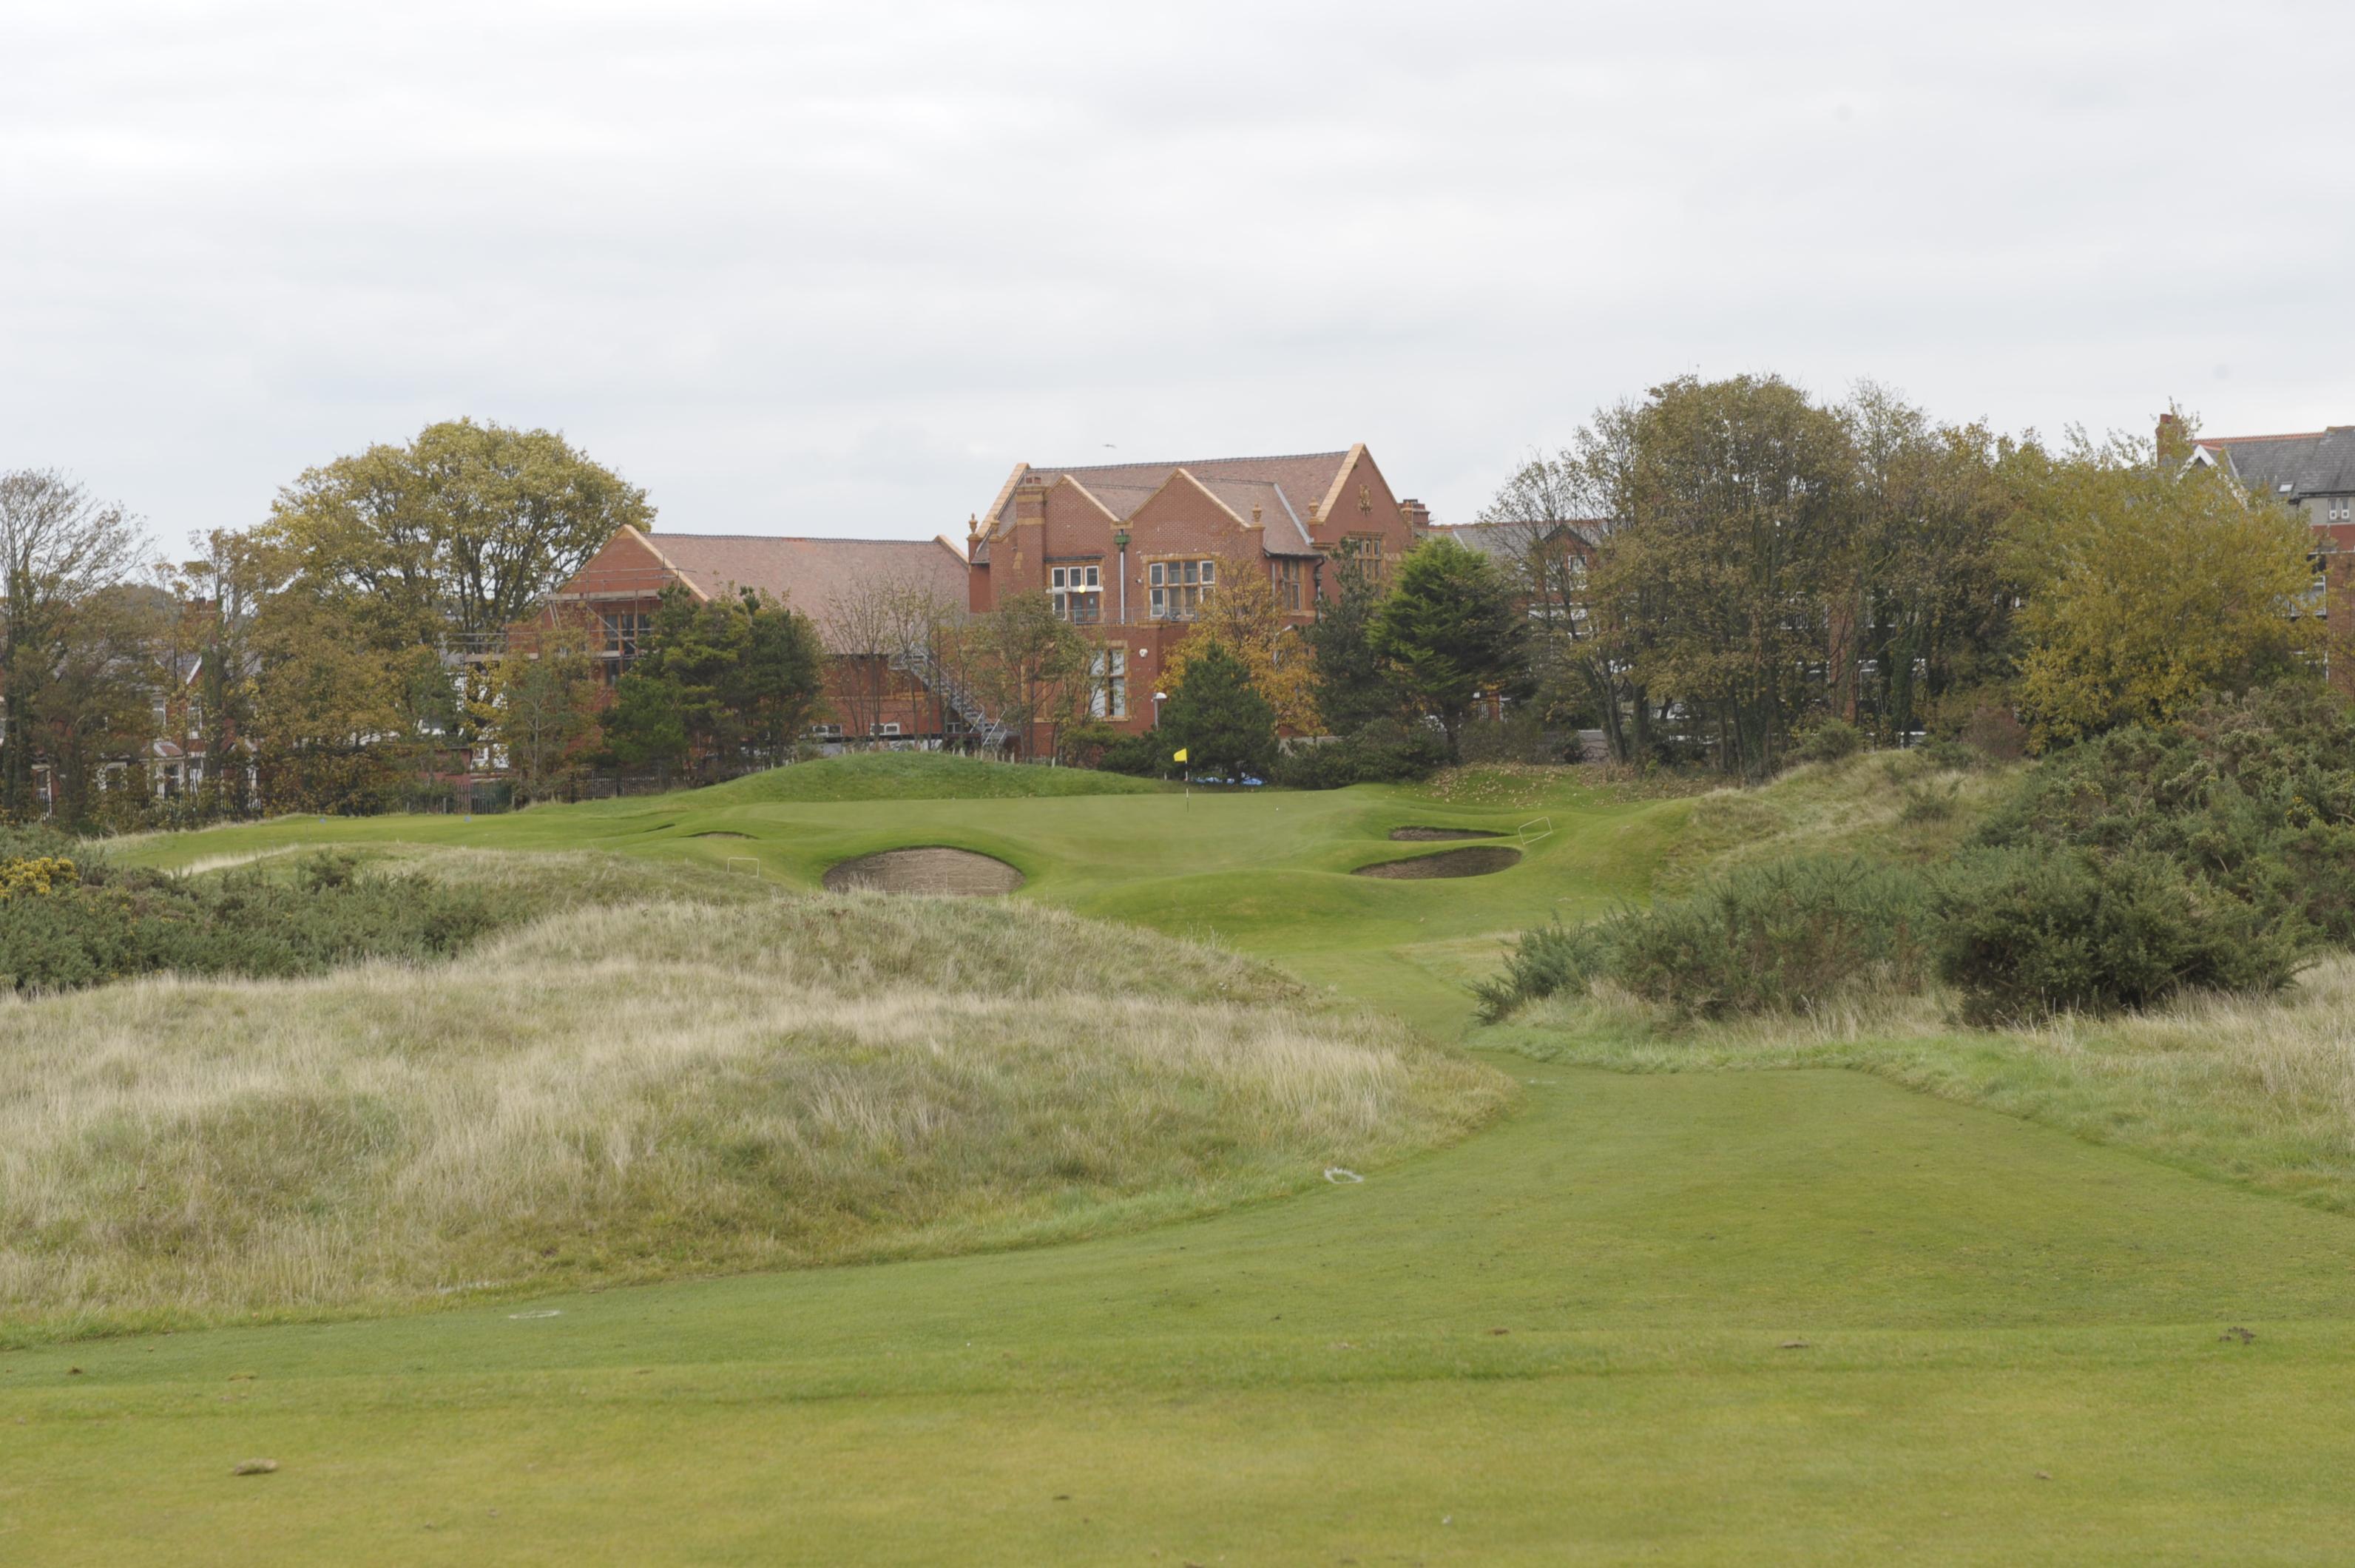 Golfkenttä kaupungin kupeessa. Royal Lytham & St Annesin parhaisiin väyliin lukeutuu ehdottomasti yhdeksäs, par-kolmonen.